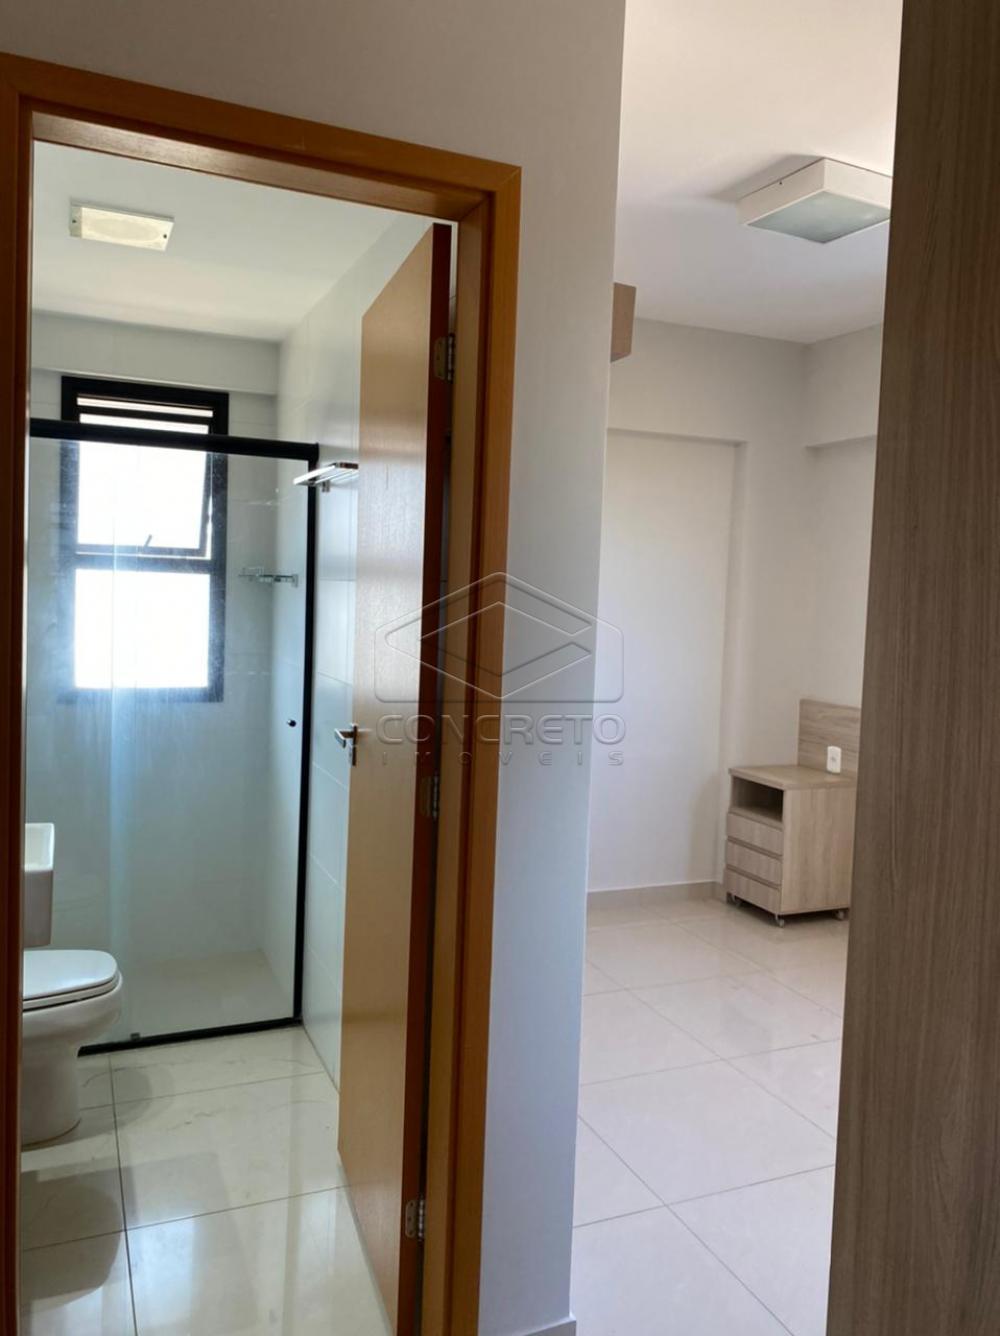 Comprar Apartamento / Padrão em Bauru R$ 580.000,00 - Foto 21